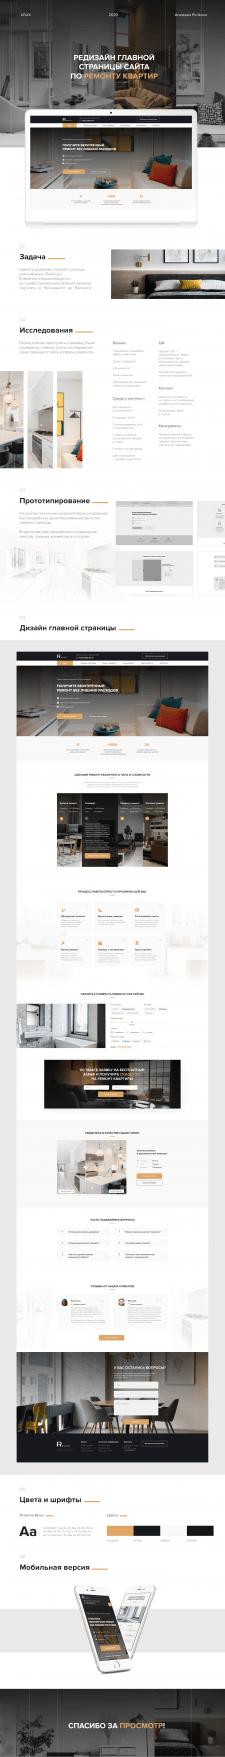 Редизайн главной страницы сайта по ремонту квартир